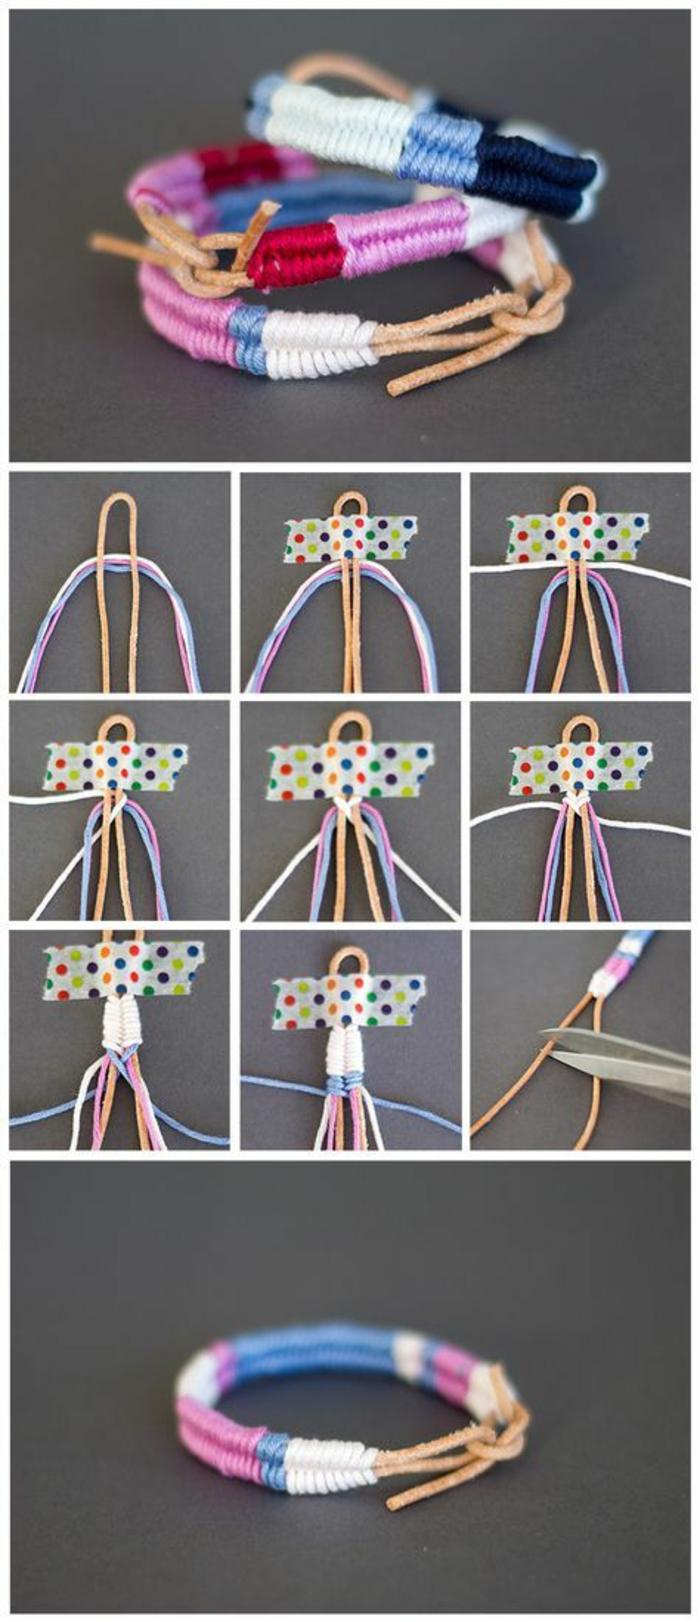 immagini tutorial per delle creazioni fai da te semplici e originali, dei bracciali di filo colorati